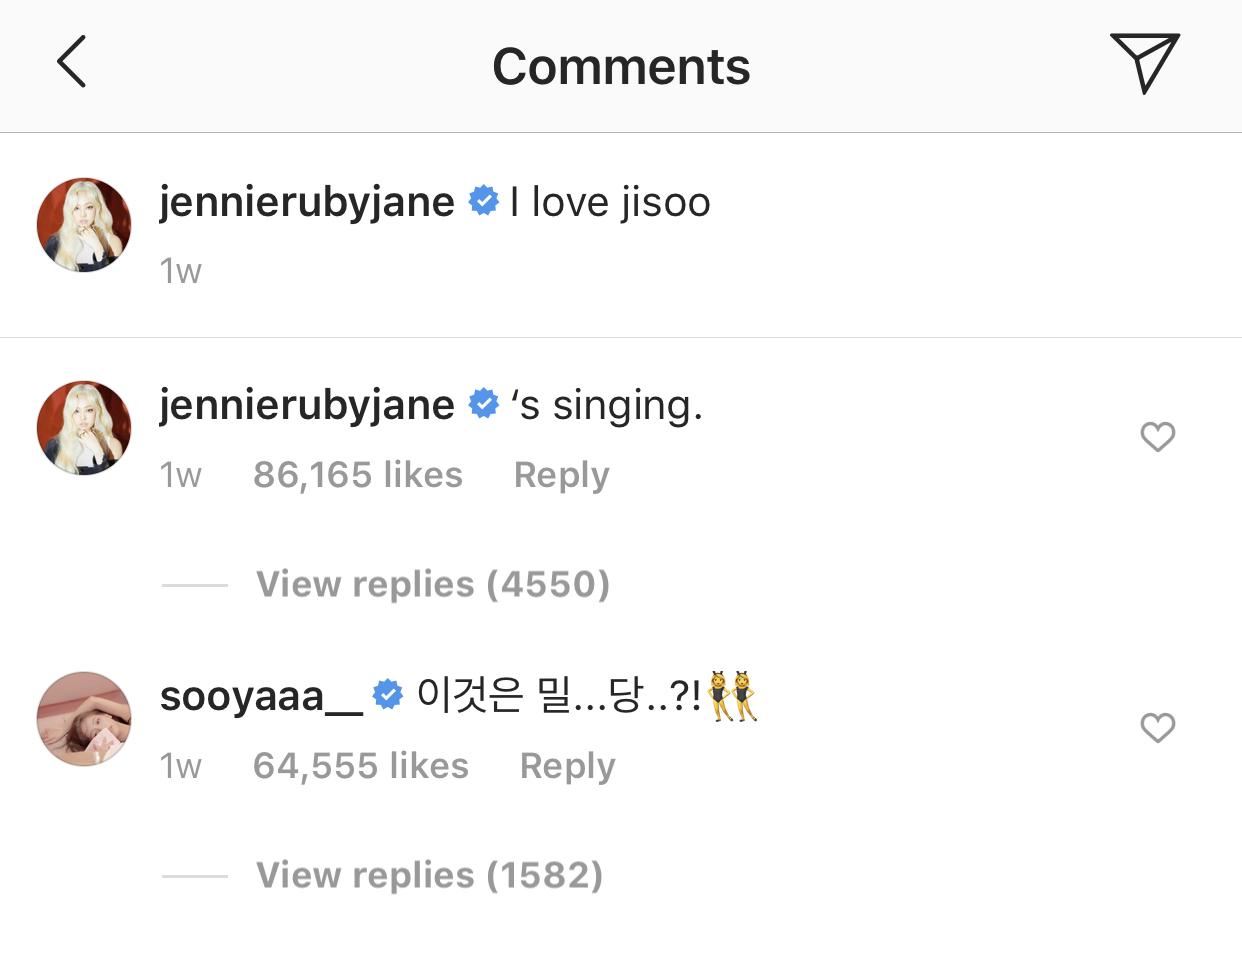 jennie_i love jisoo....'s singing_